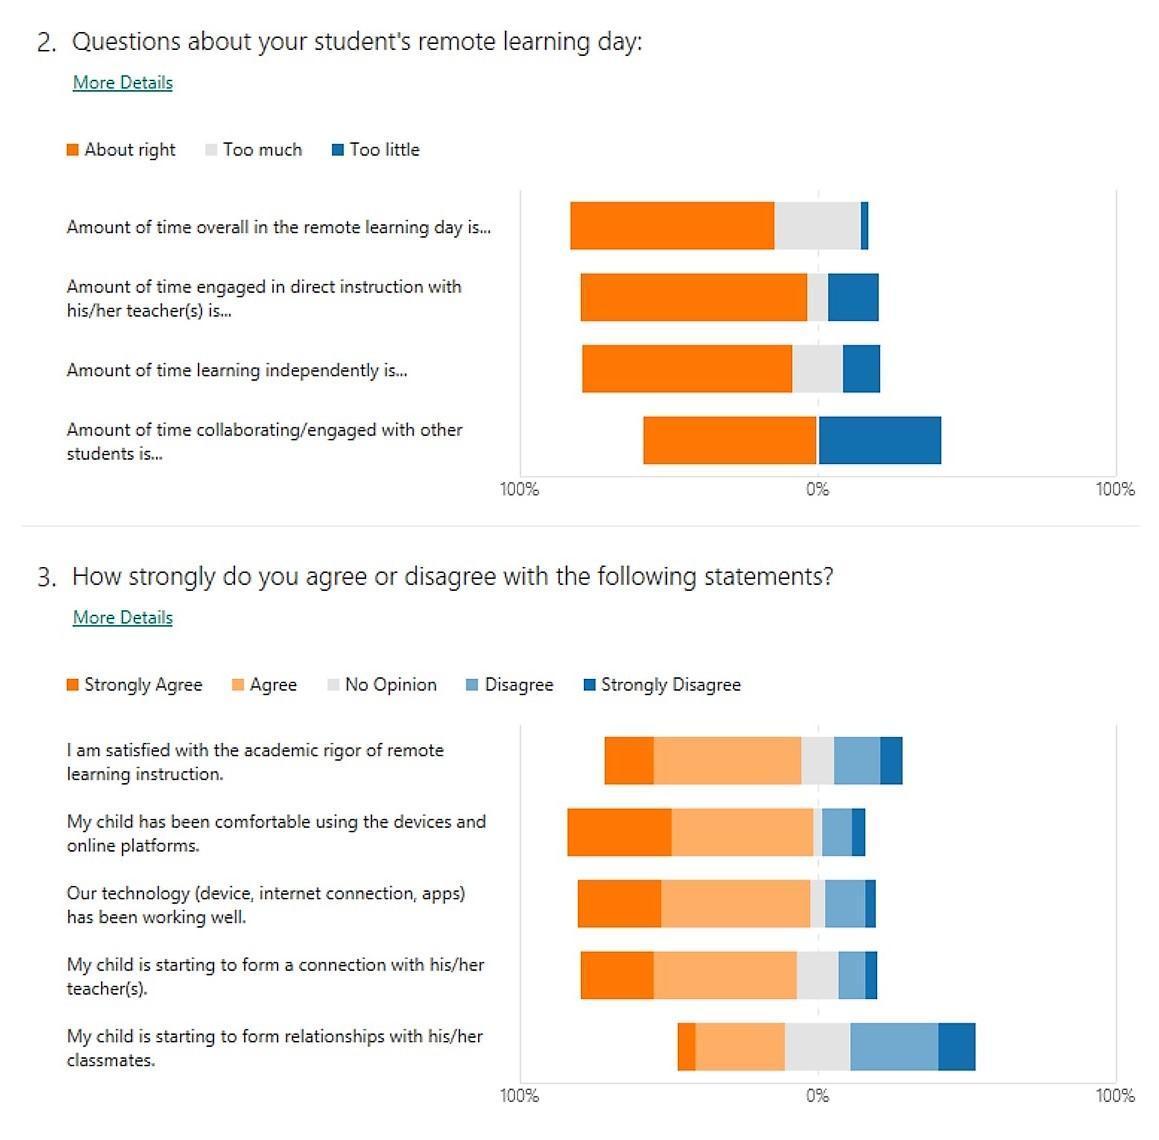 parent survey questions 2 and 3